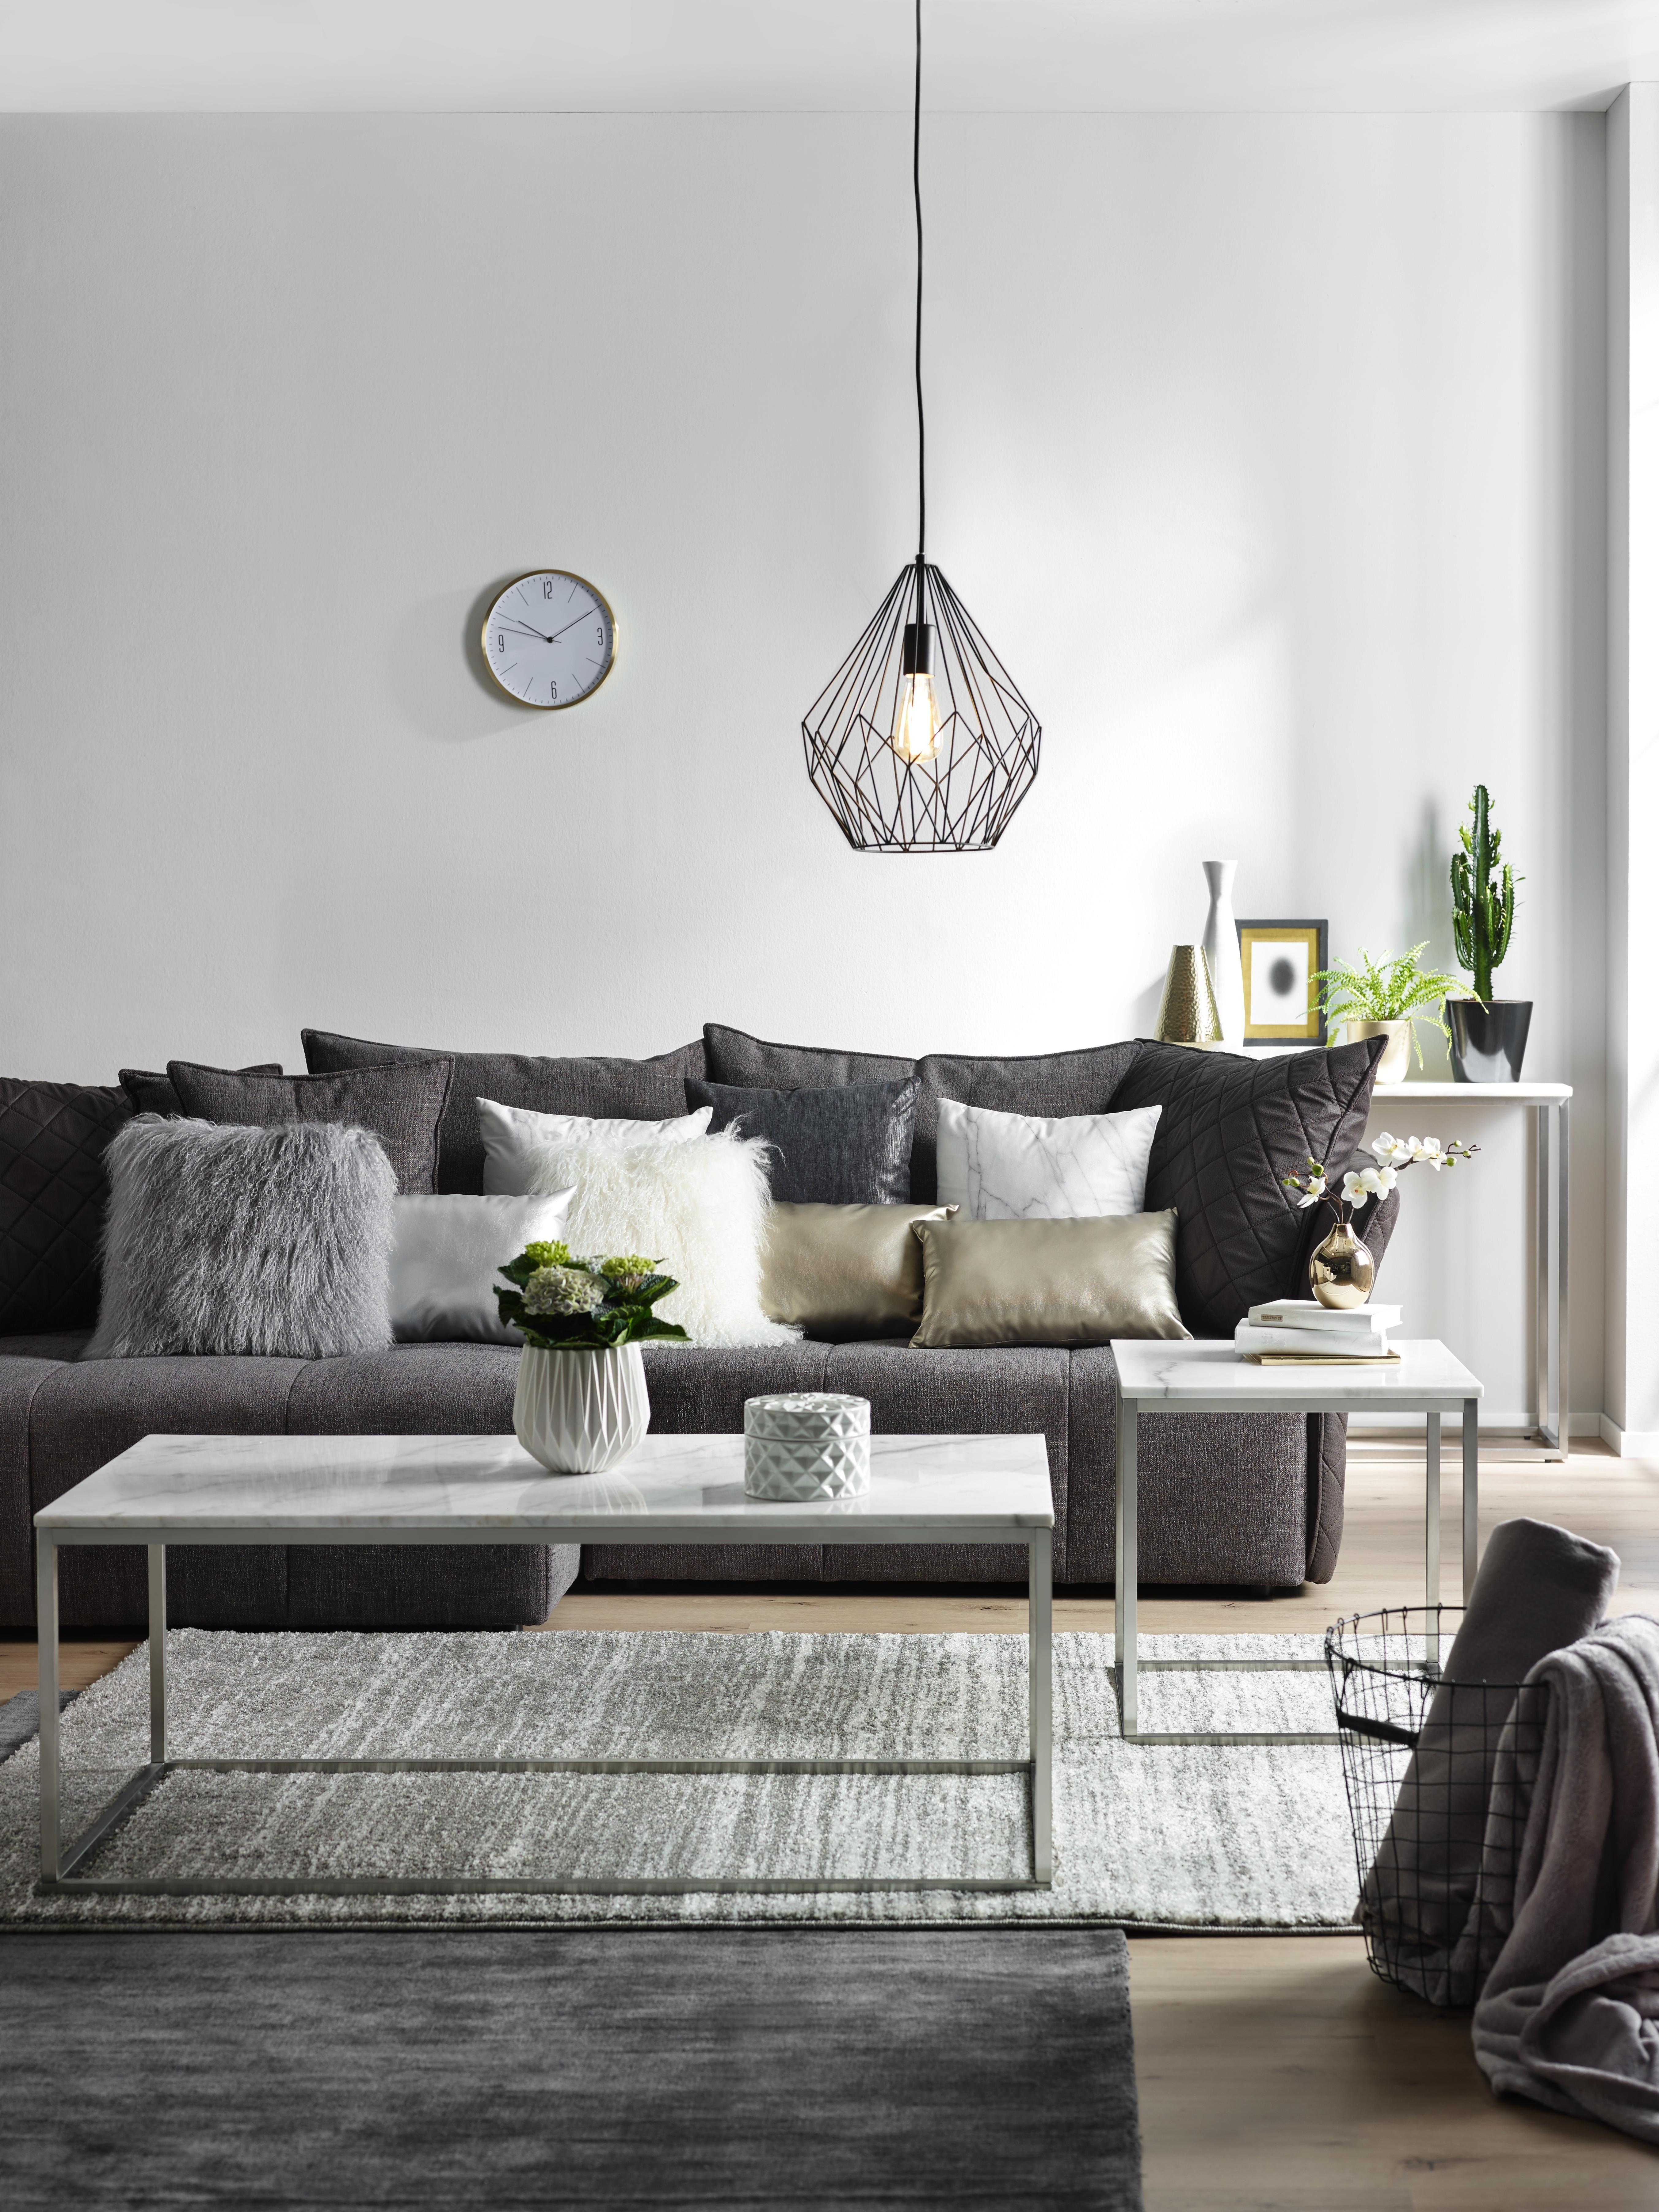 Anthrazit Grau Oder Silber Verleihen Dem Raum Nordischen Charme Und